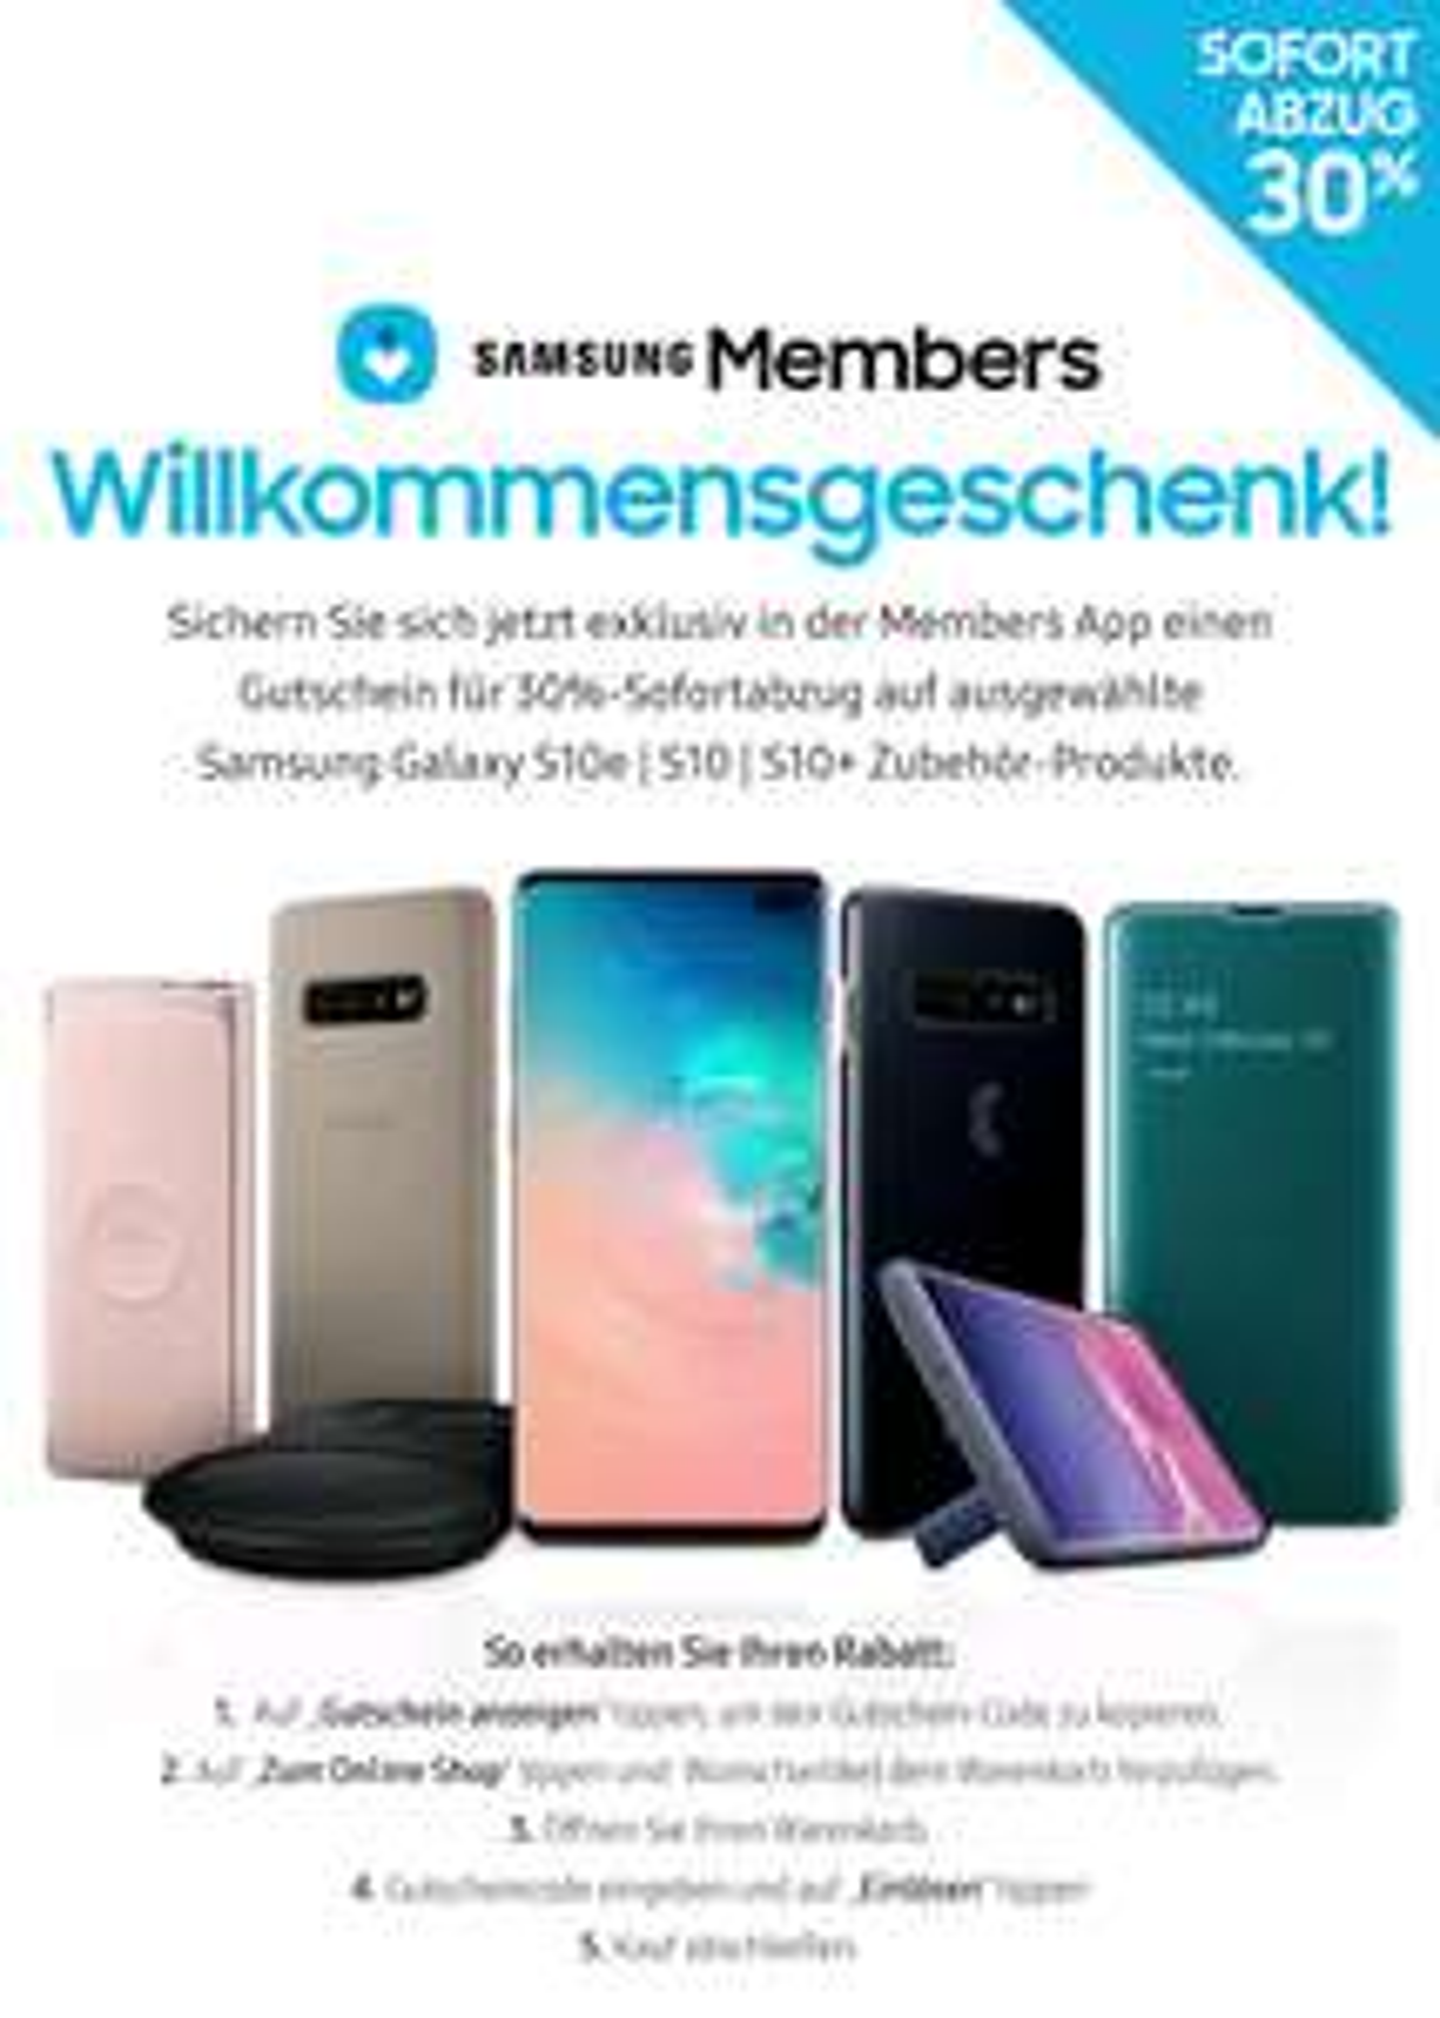 Galaxy S10/S10+/S10e Zubehör Willkommensgeschenk 30%